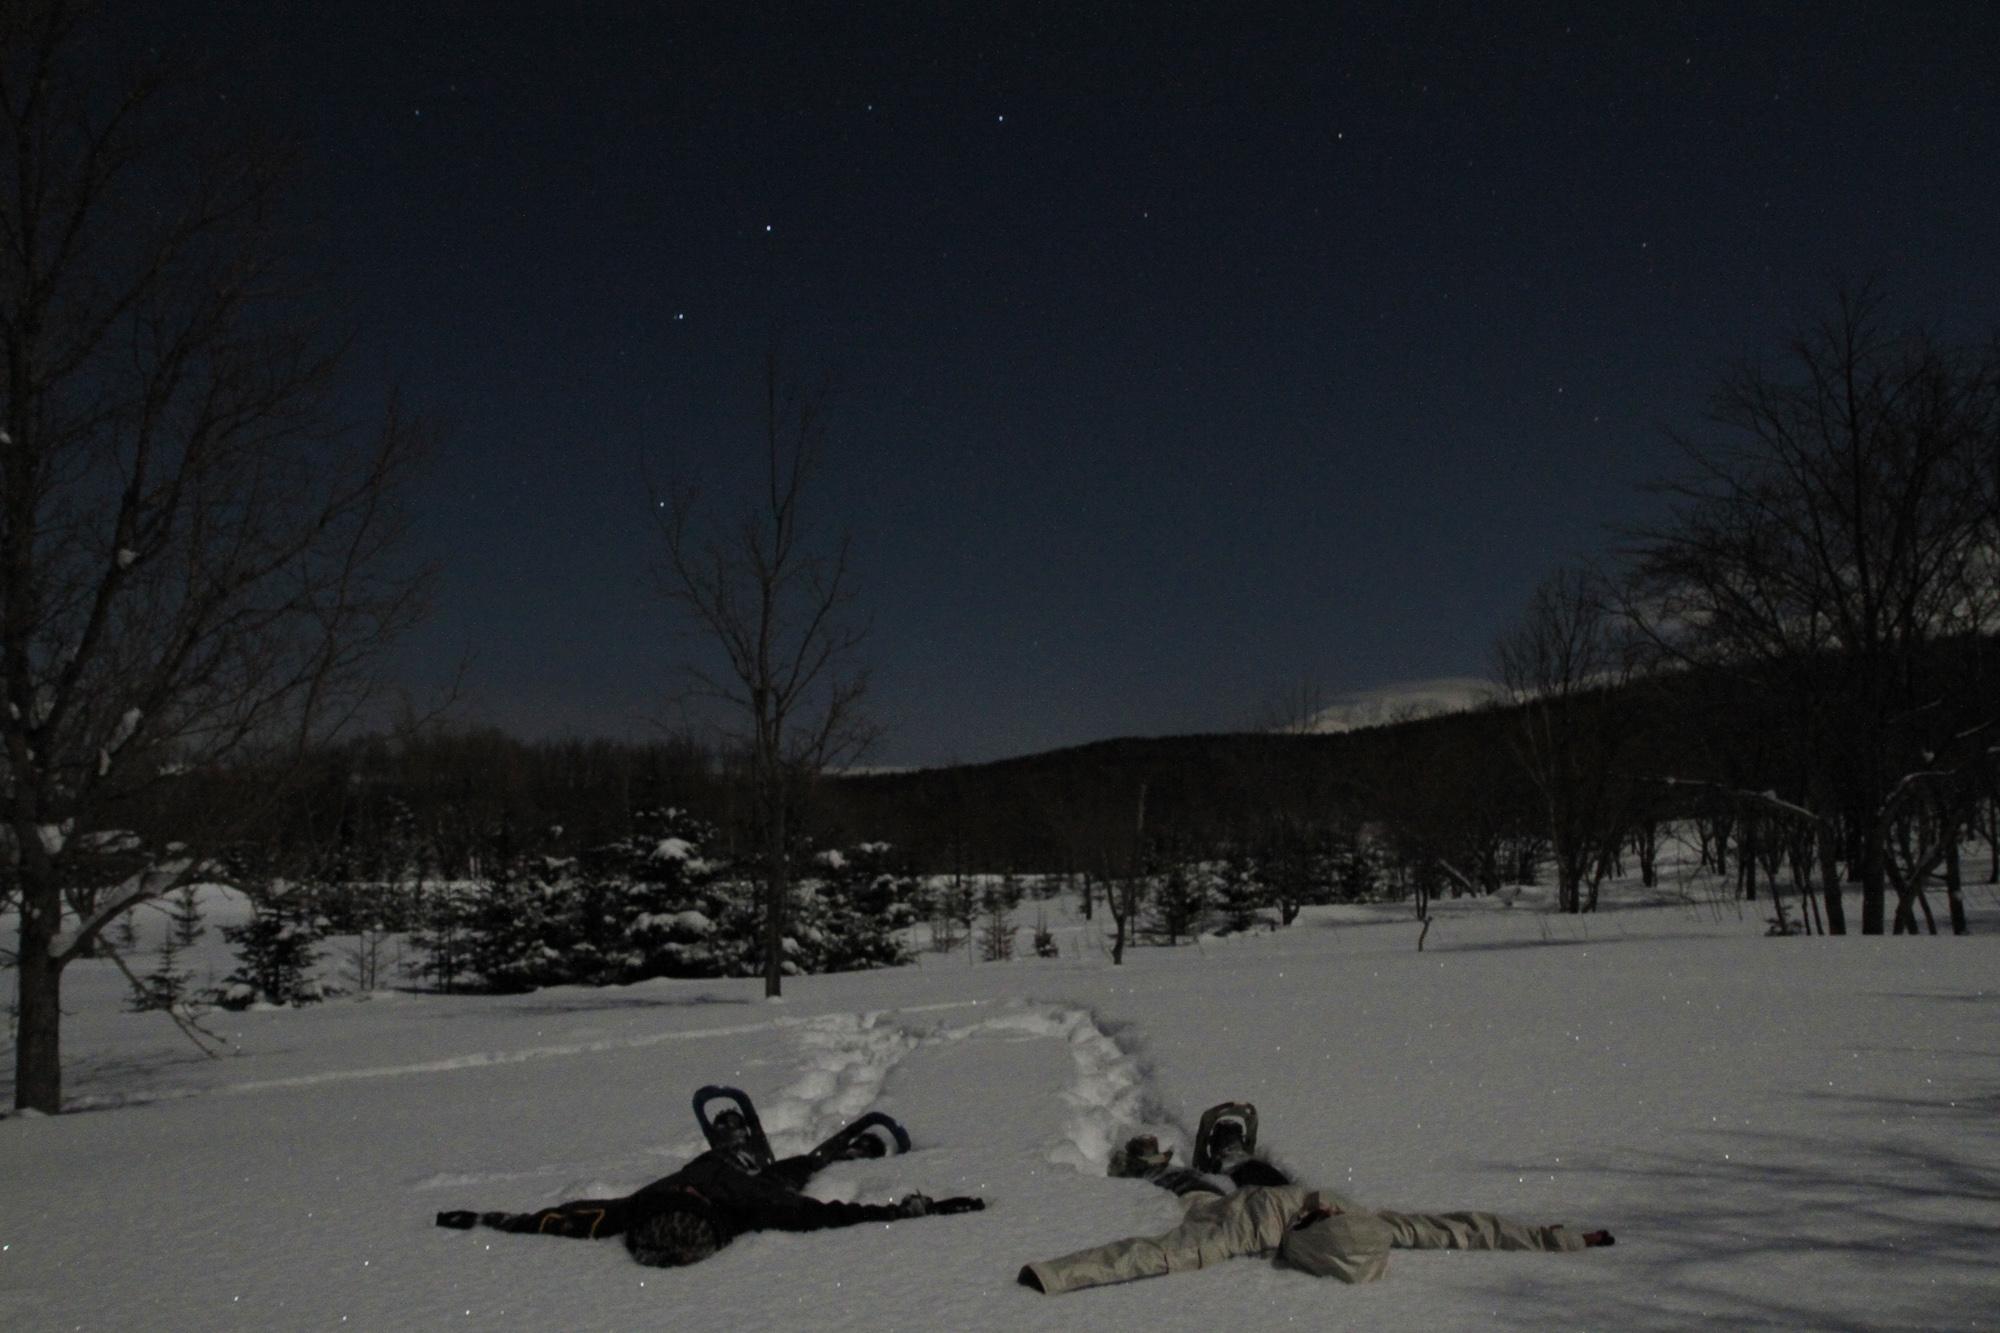 雪に寝転んで、夜空を見上げて耳を澄ませてみる時間。